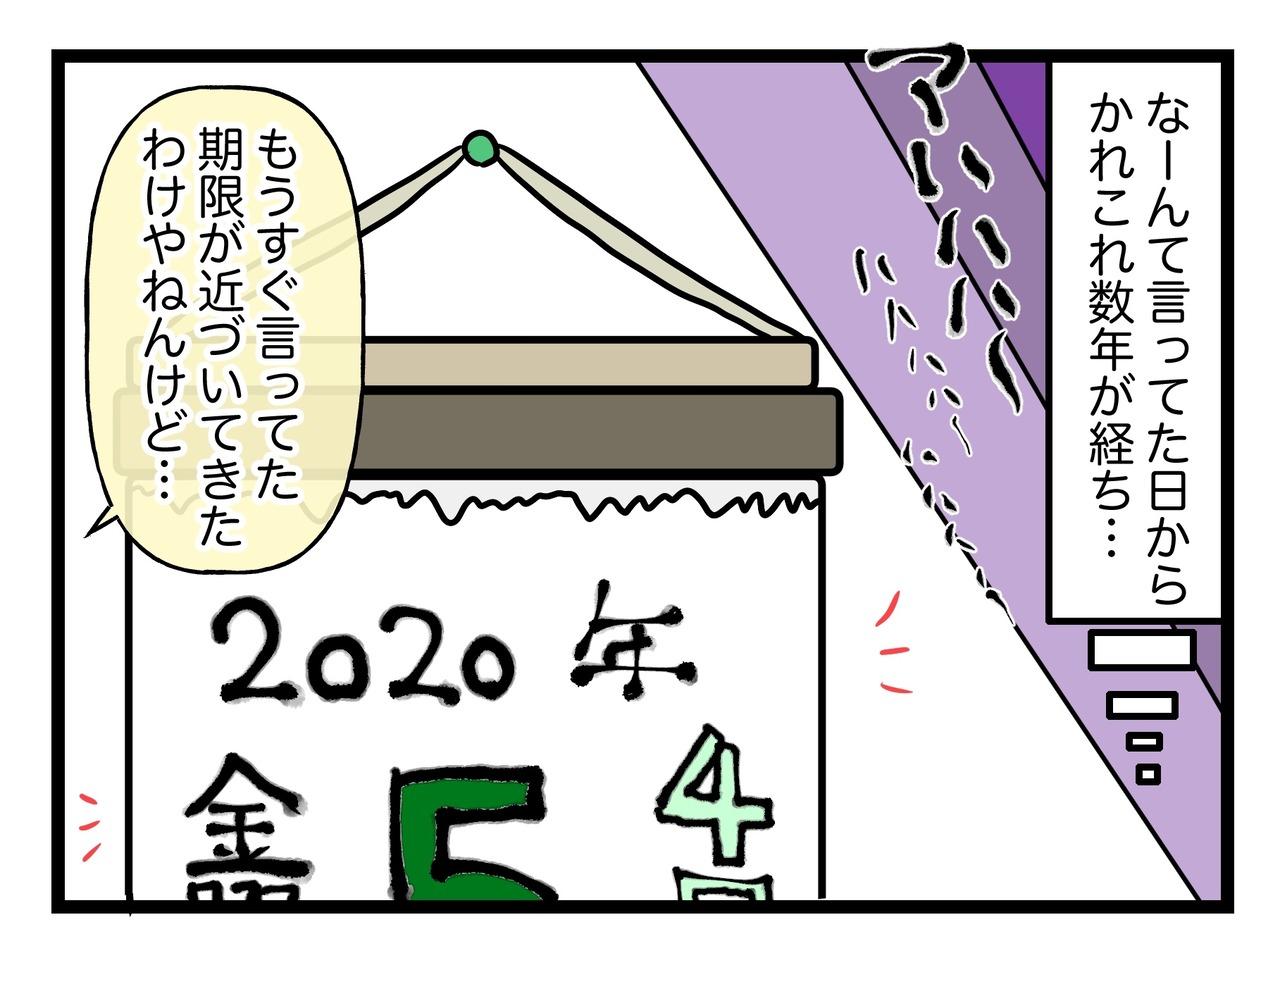 02024C54-FAE1-4D3F-B9D3-7E5A825DEA1C